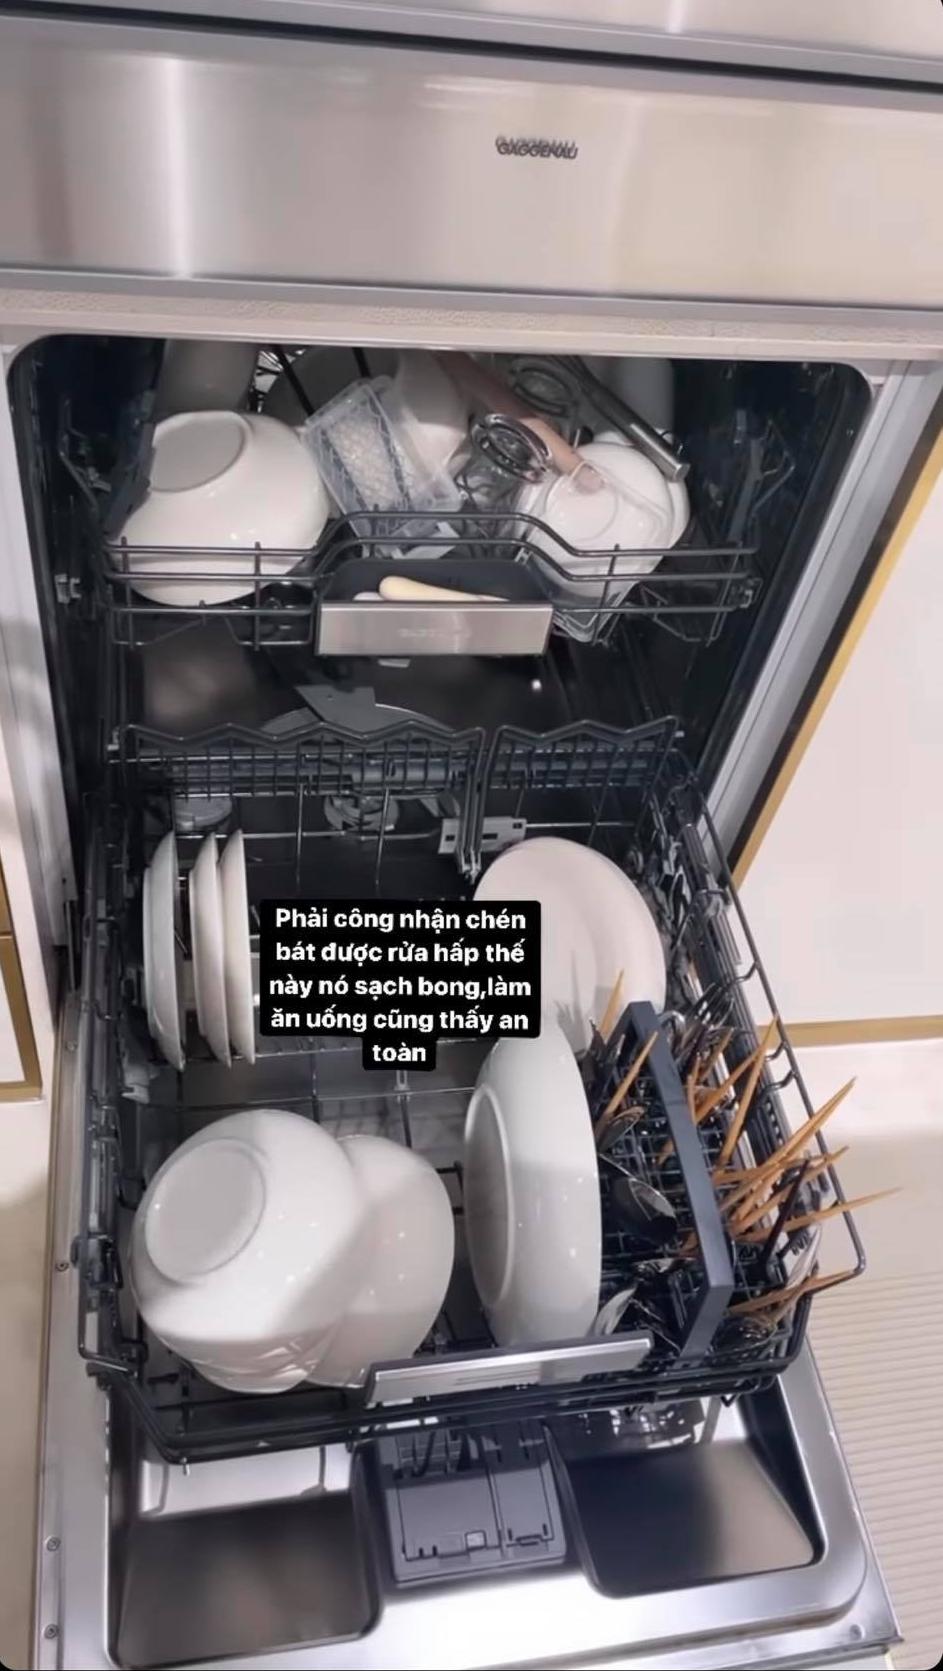 Chiếc máy rửa bát nhà Hồ Ngọc Hà có gì đặc biệt mà giá bán tới gần 100 triệu - Ảnh 2.